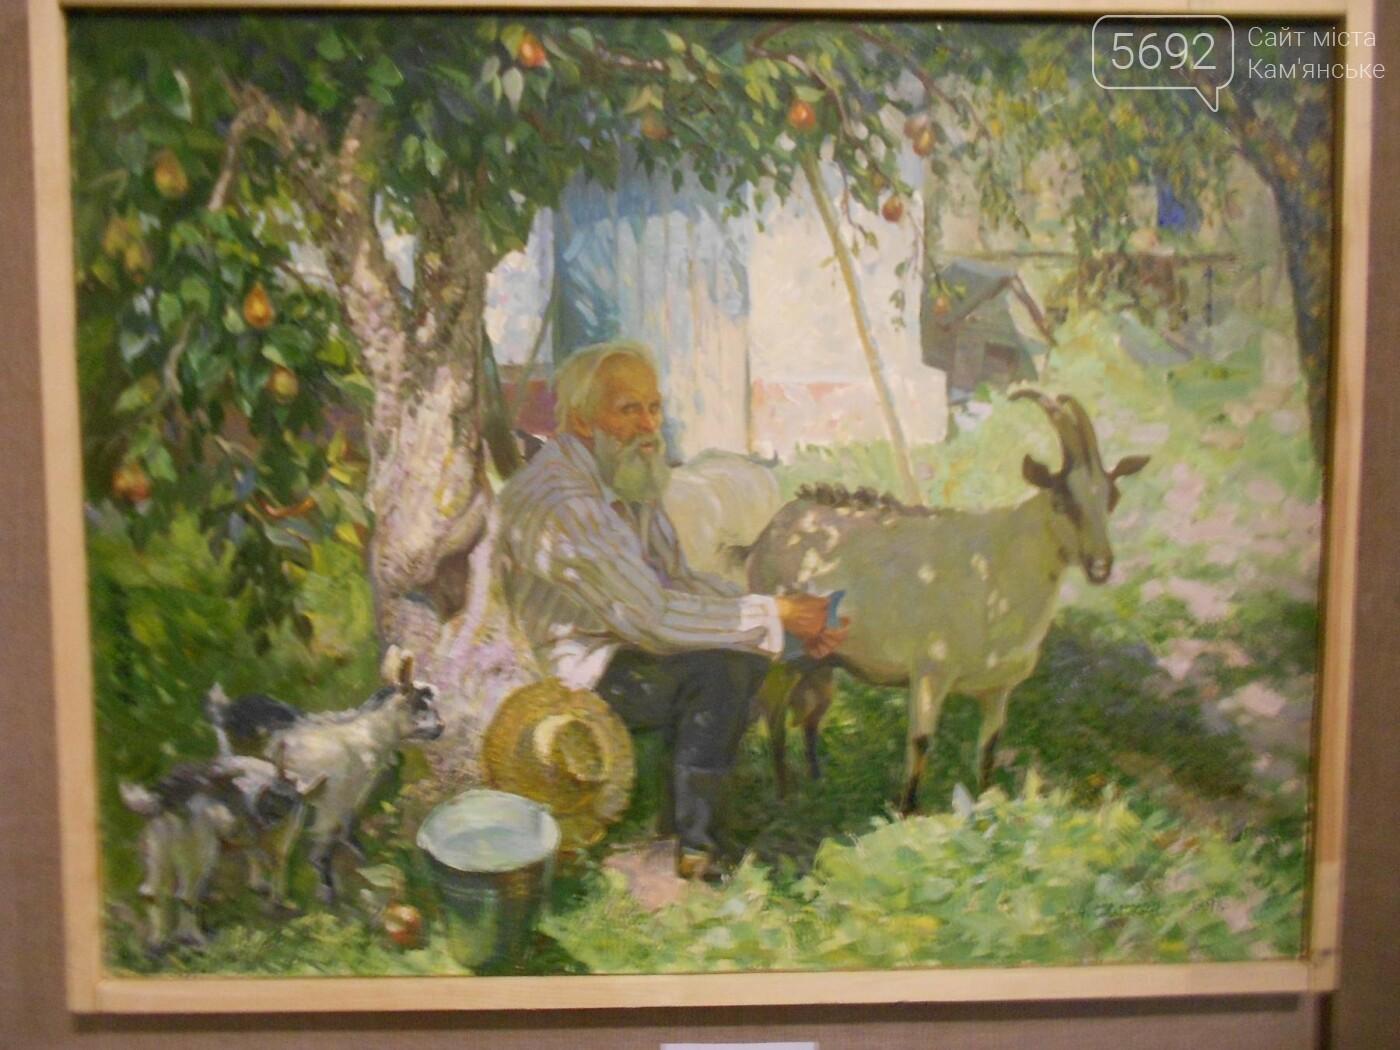 В Каменском открылась юбилейная выставка известного художника Анатолия Жежера, фото-17